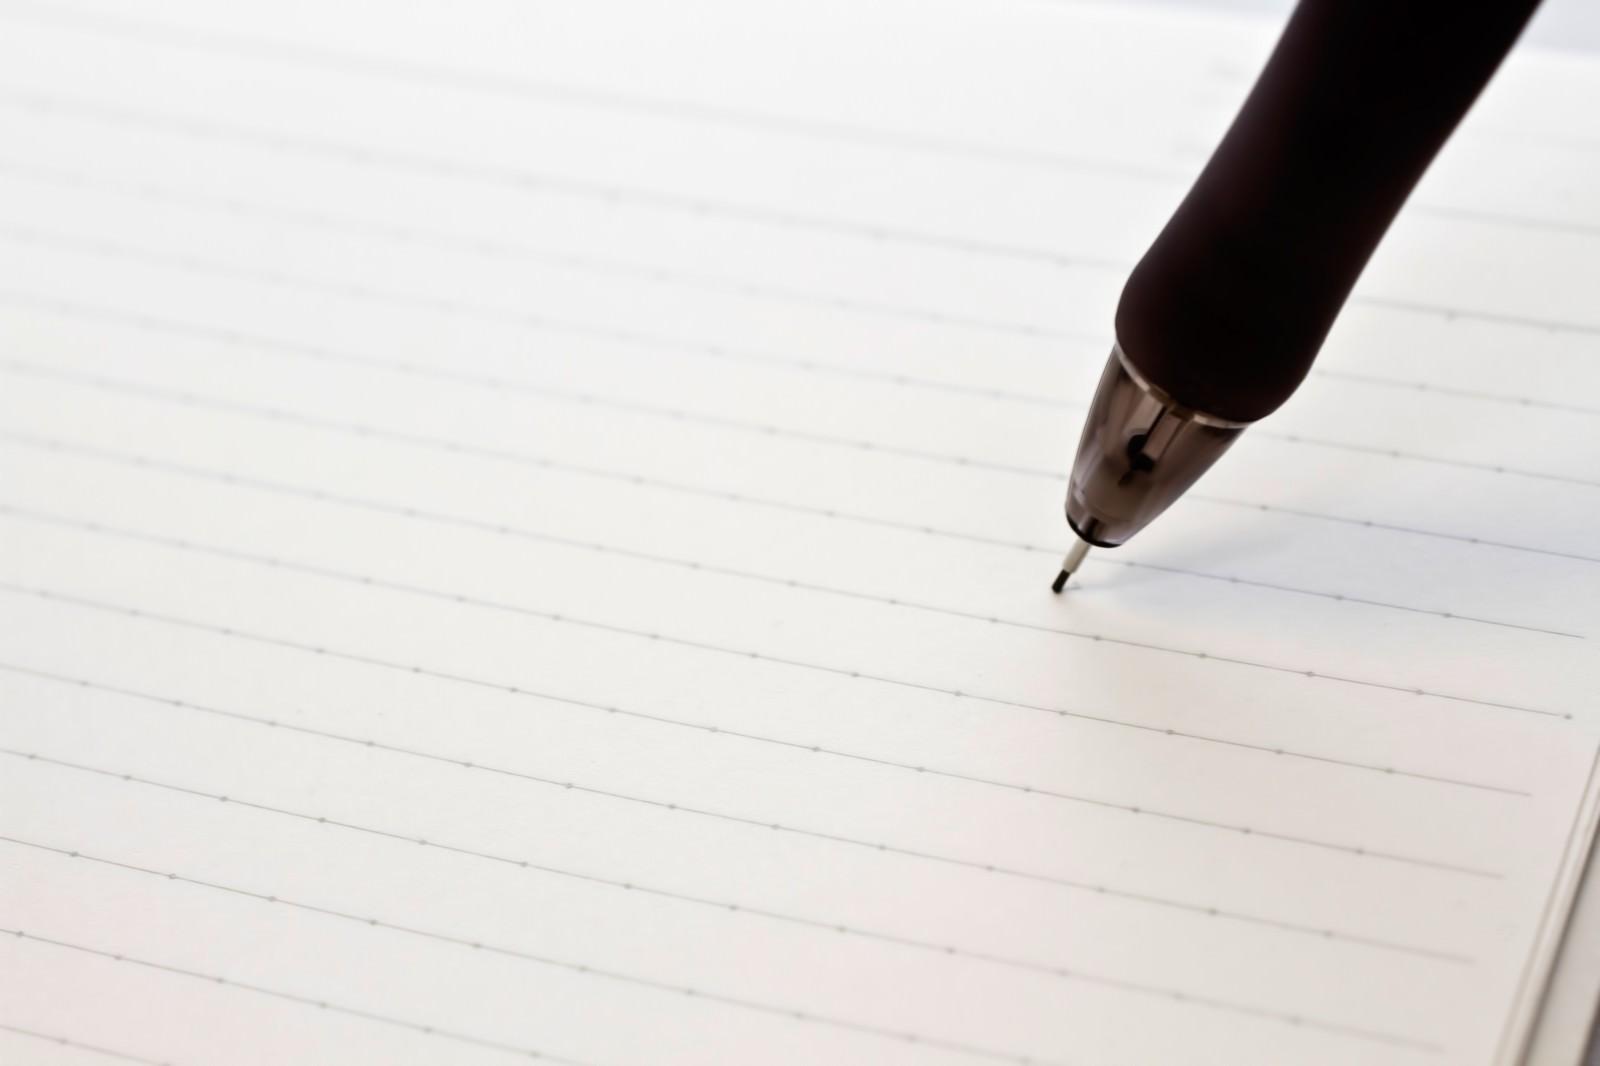 内定のお礼状の書き方と例文・いつ頃出すのか・何で送るか